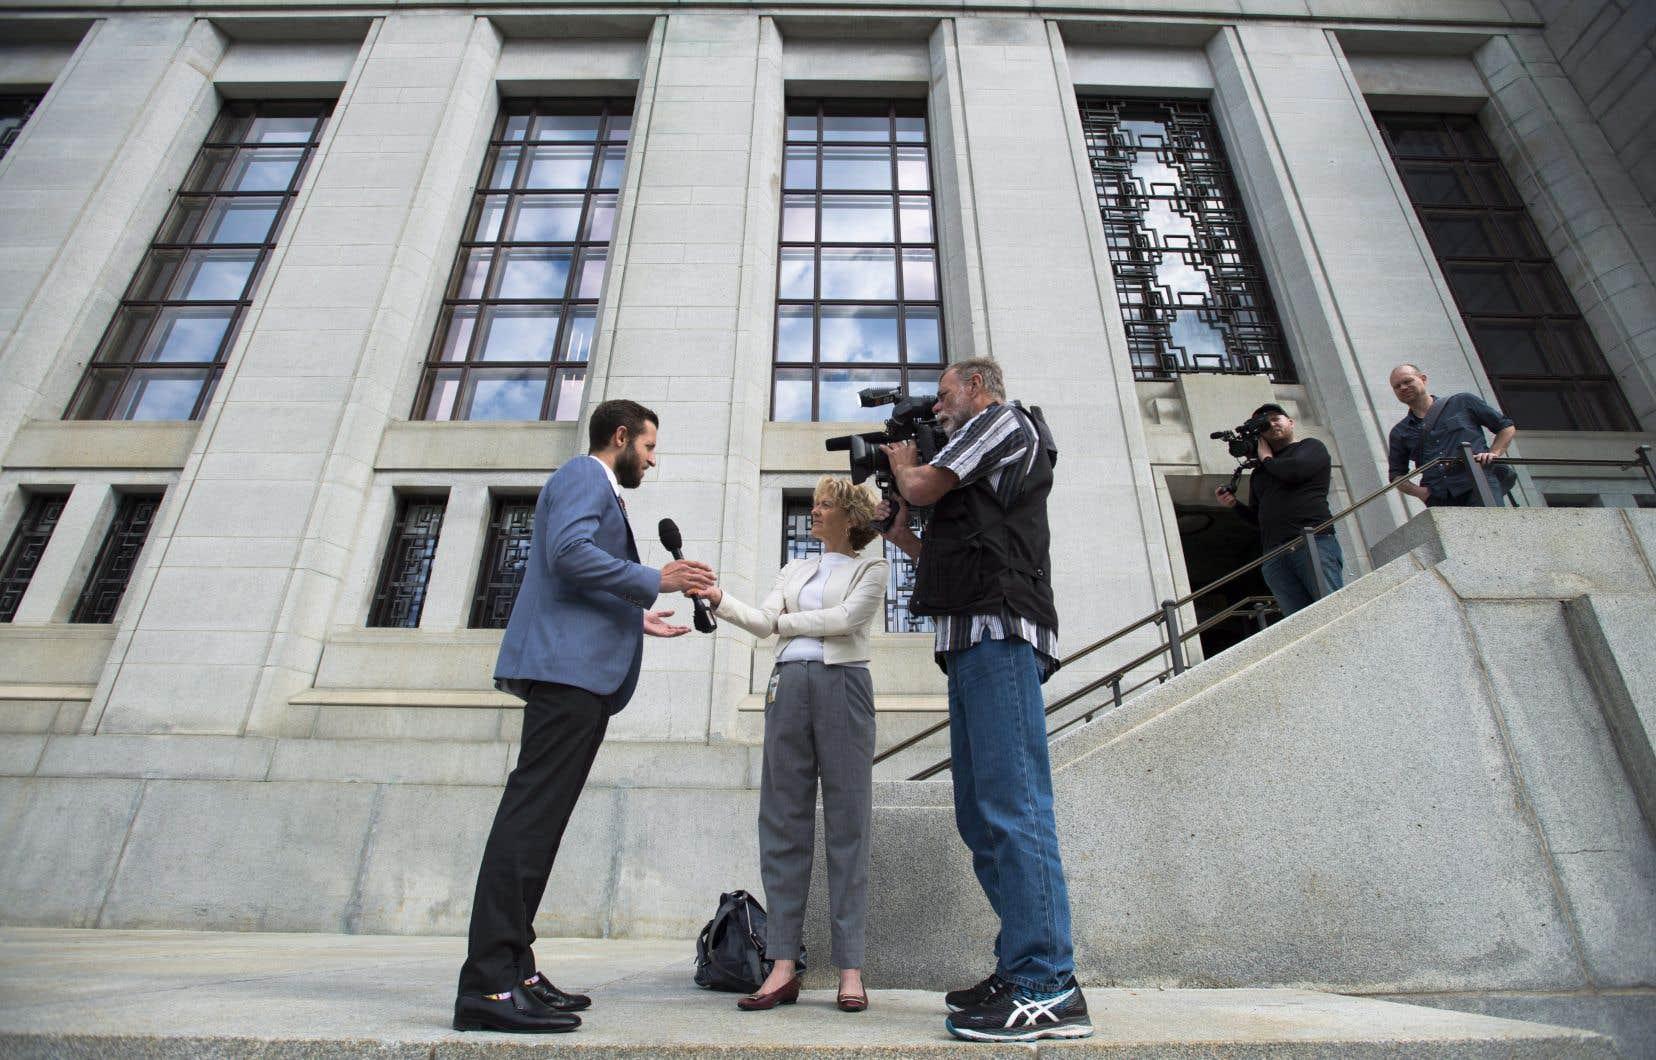 Le journaliste de Vice Media, Ben Makuch, en entrevue devant la Cour suprême du Canada